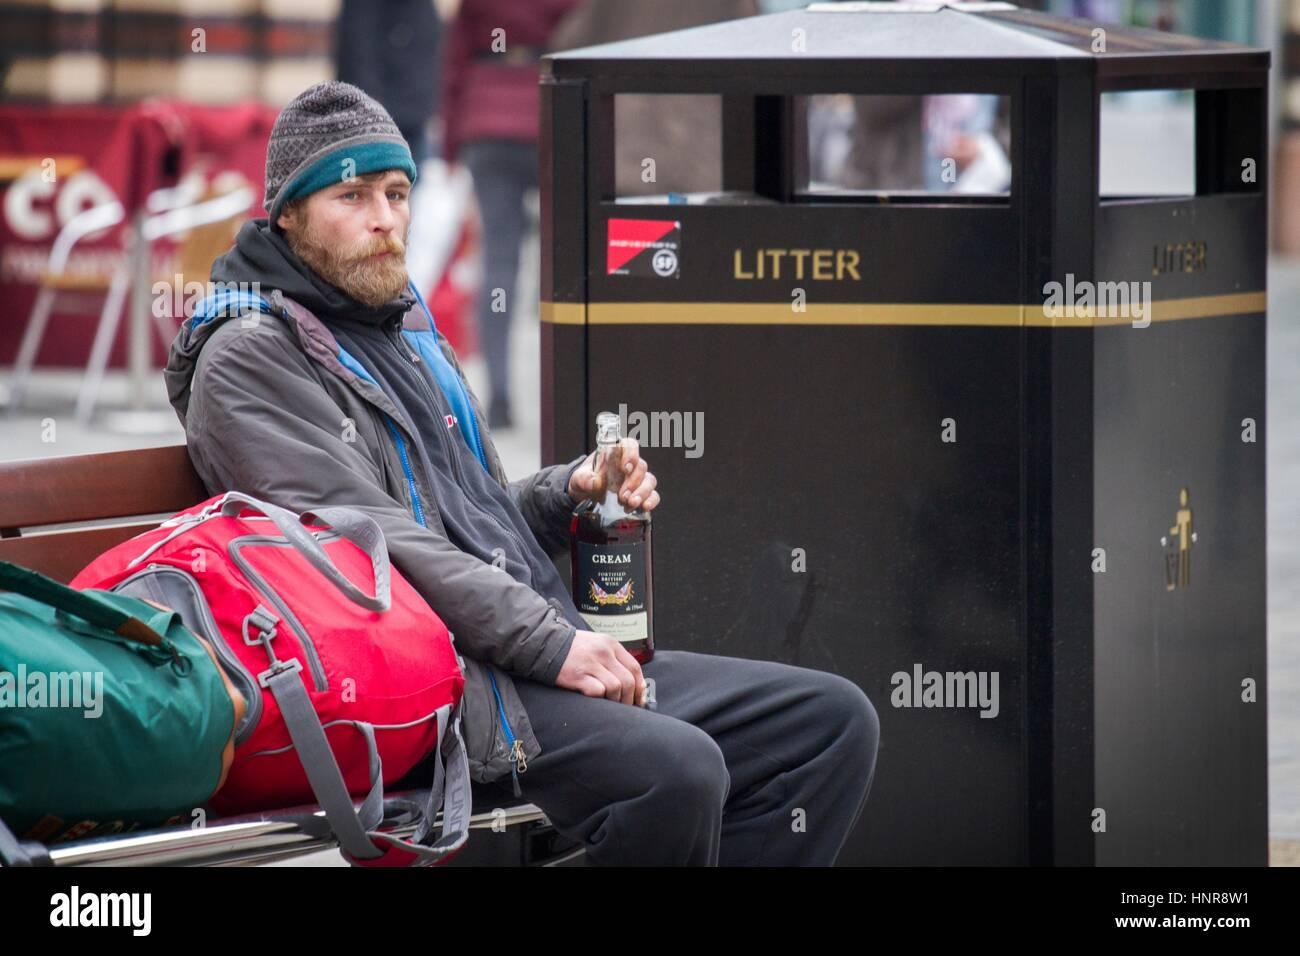 Senzatetto senzatetto sonno agitato mendicare mendicante affamato di accattonaggio freddo inverno triste donazione Immagini Stock